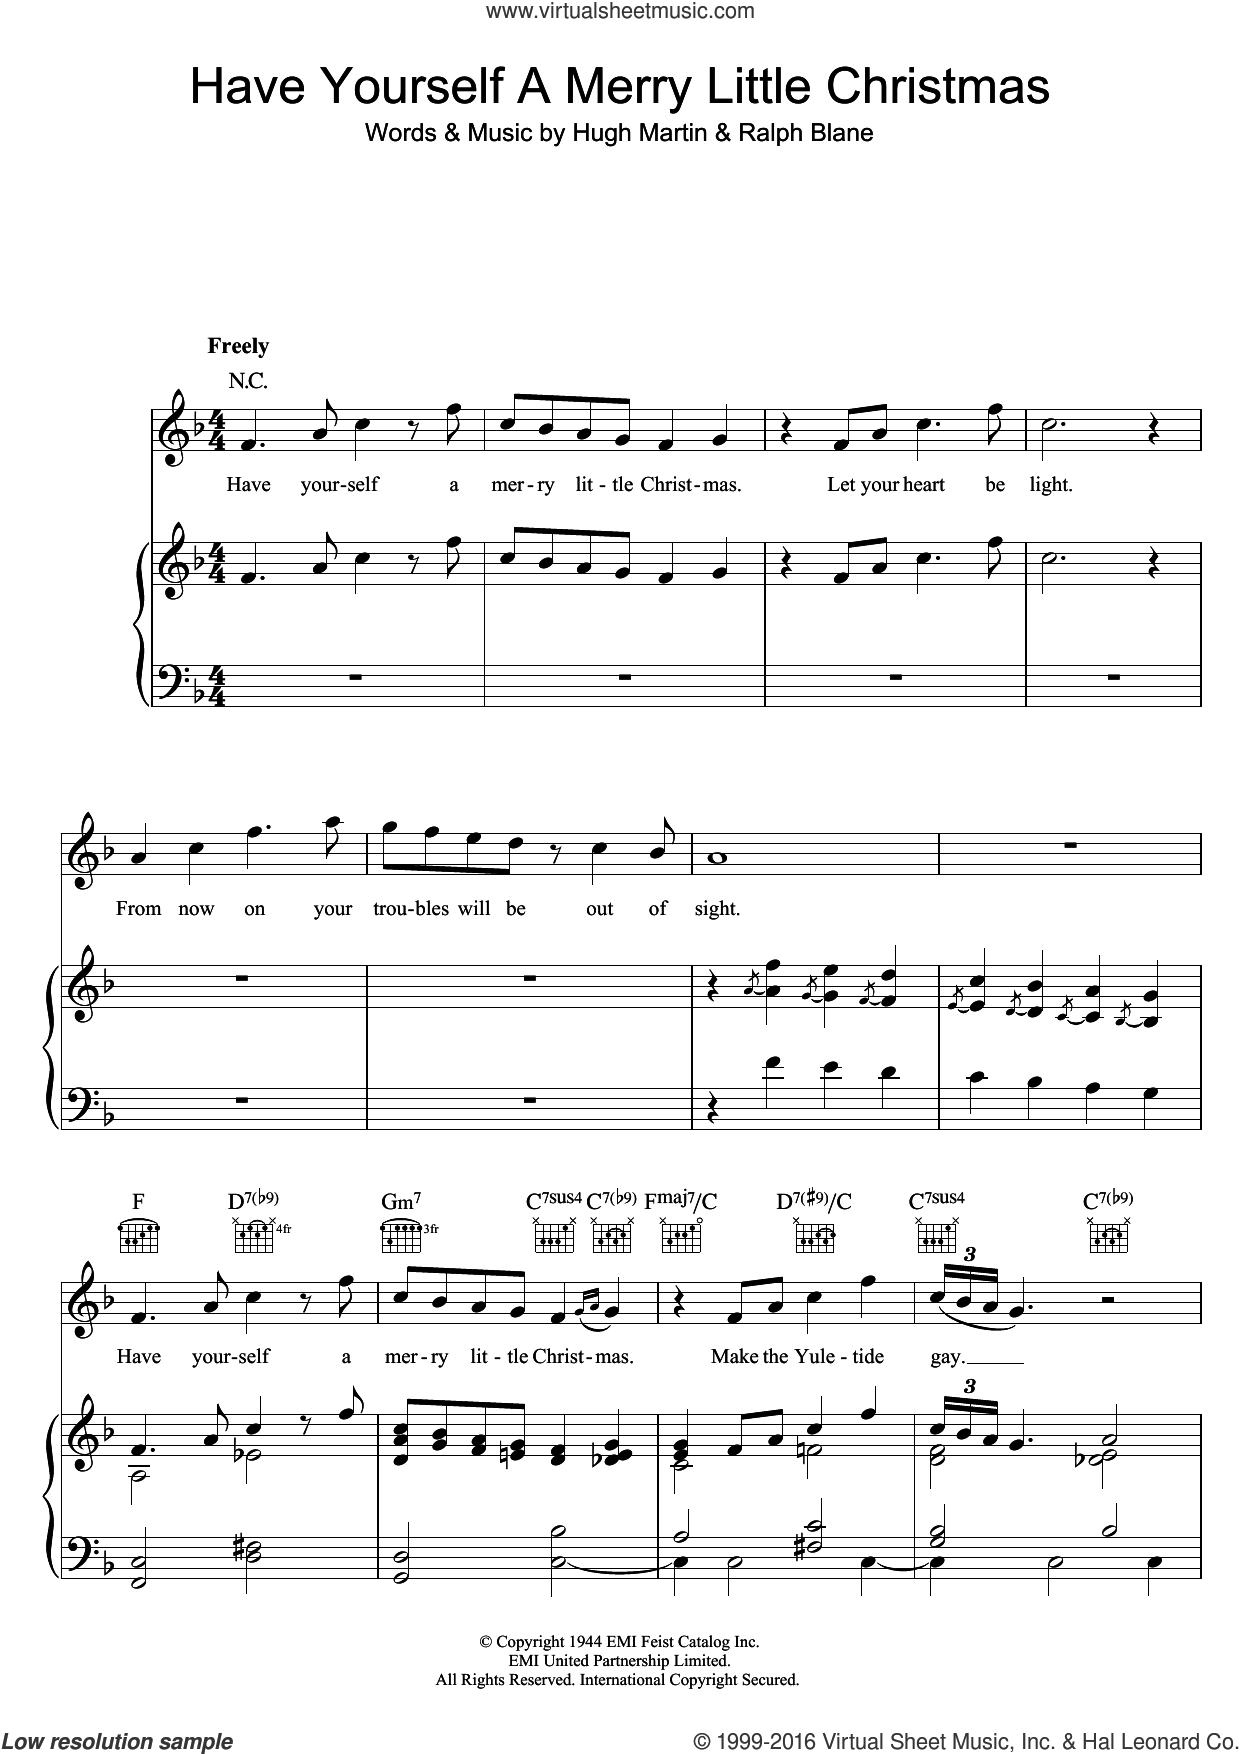 Merry Little Christmas sheet music